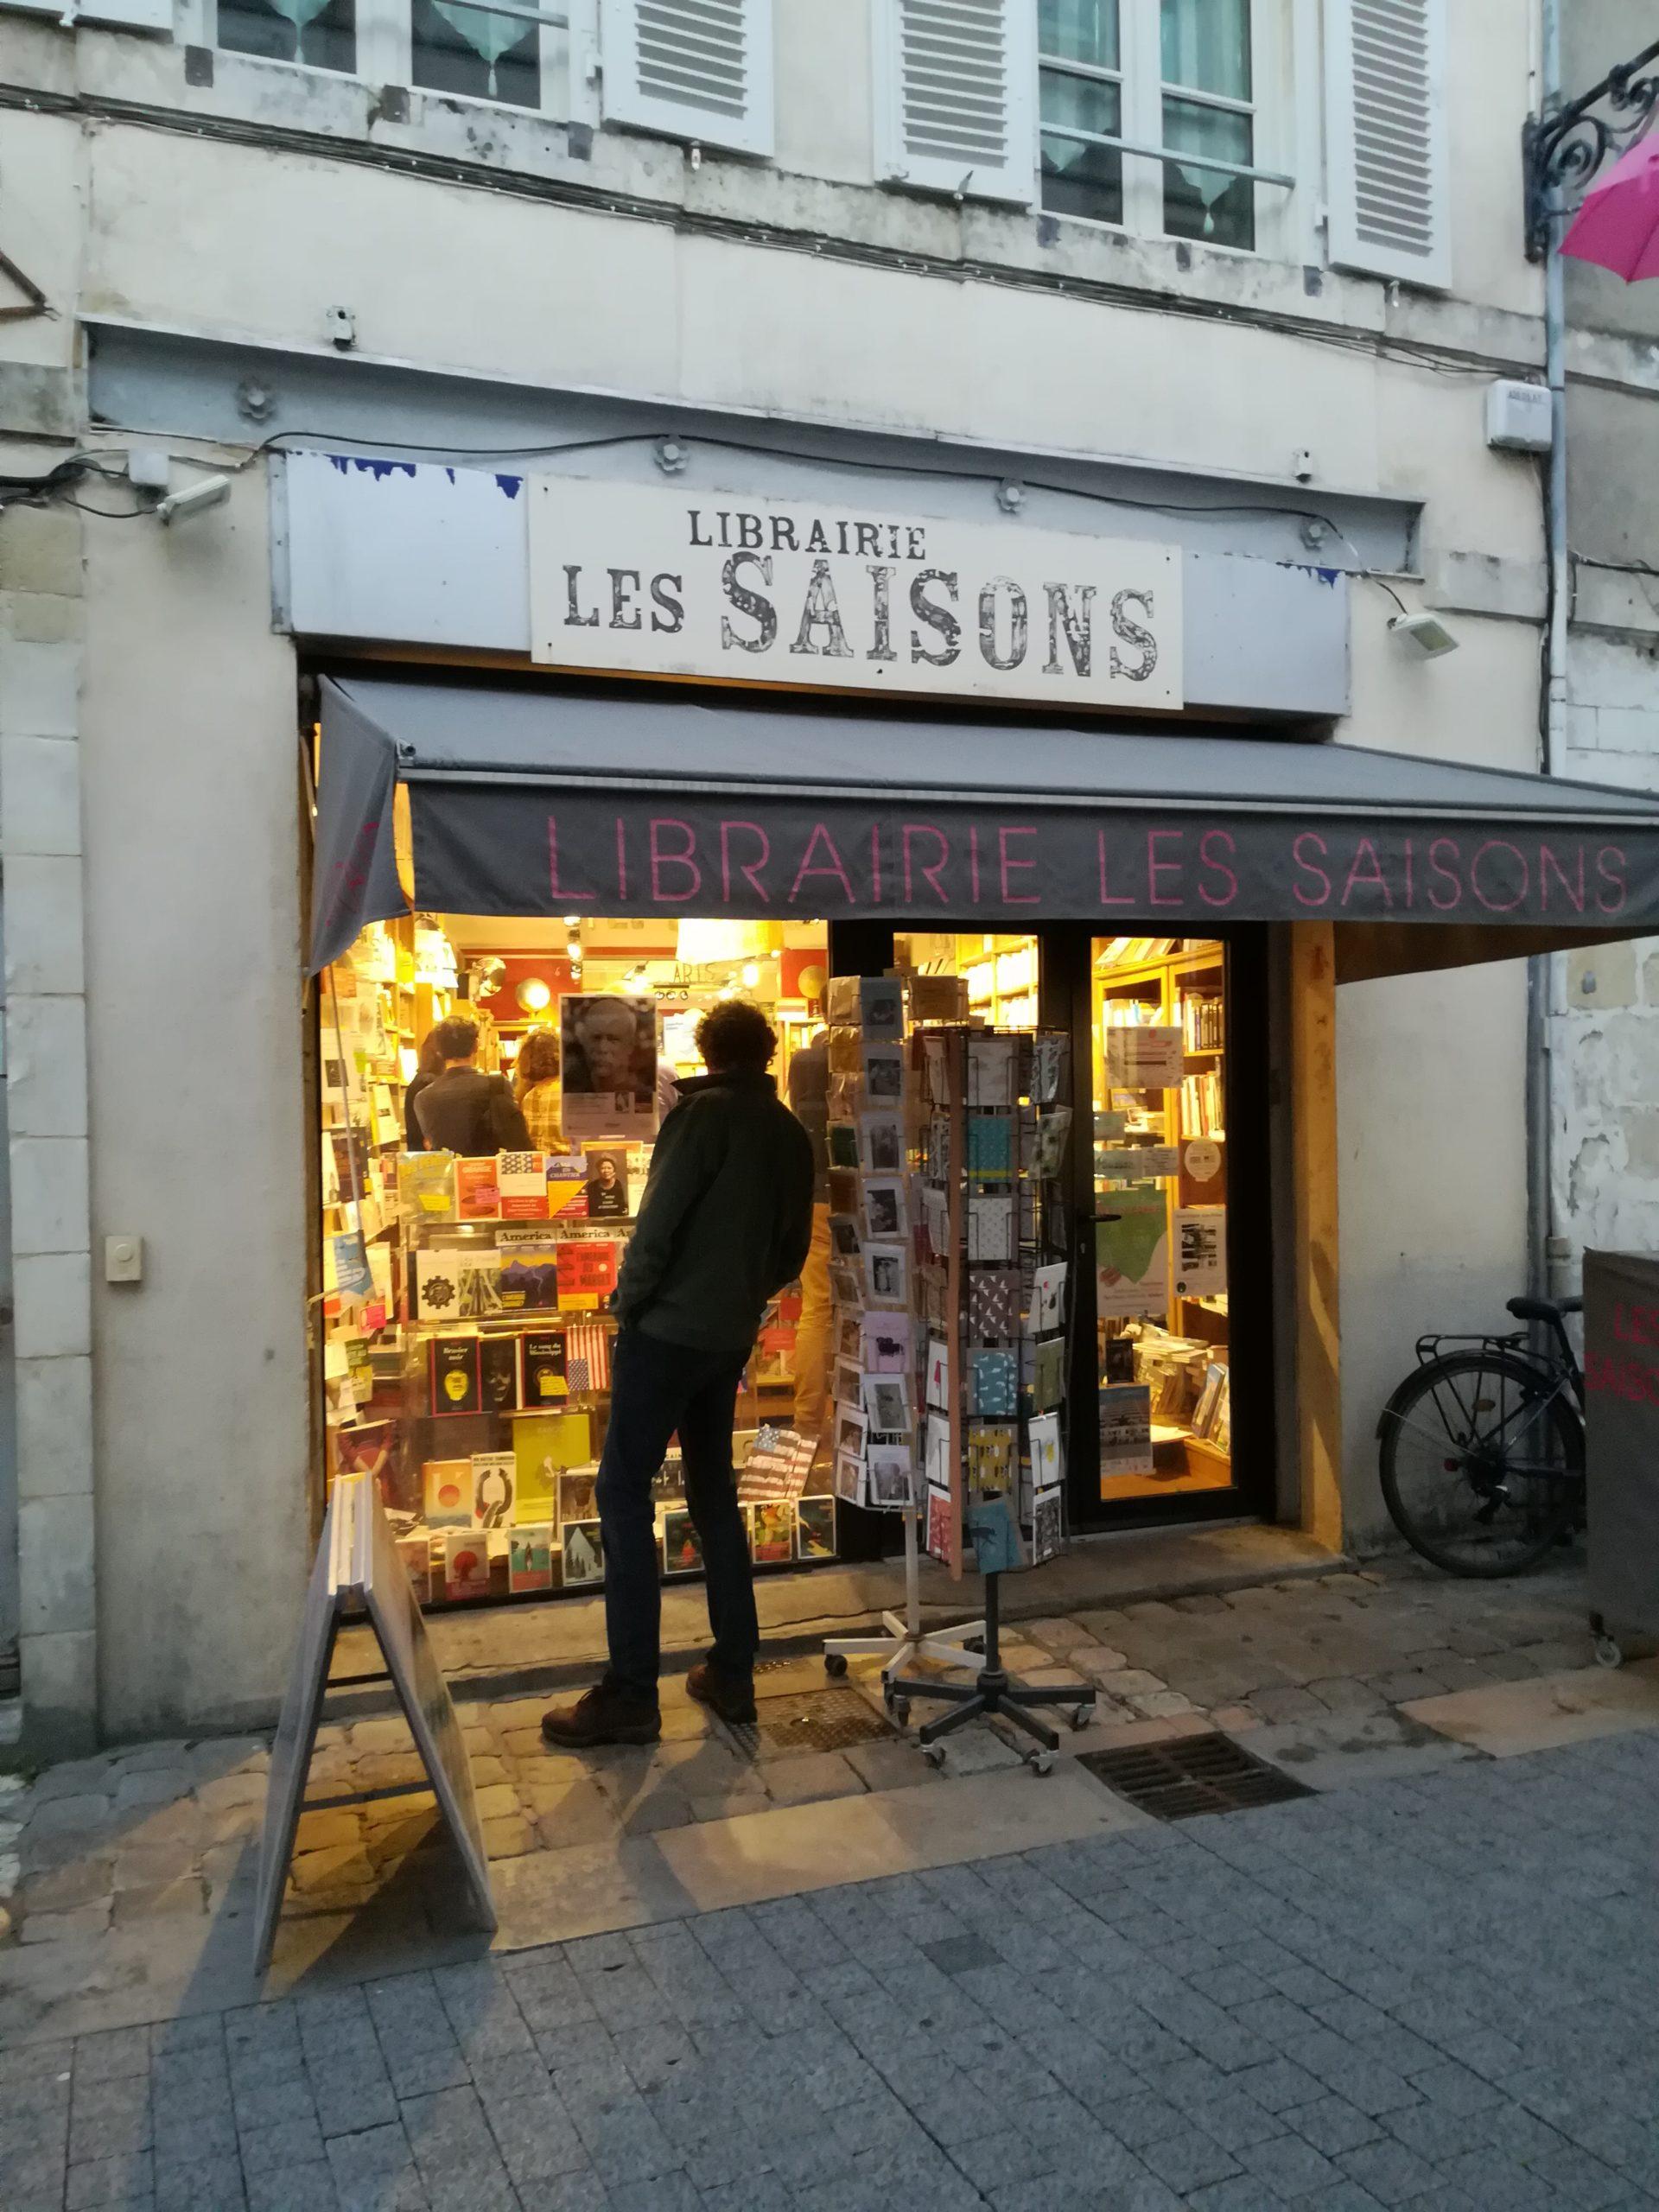 LIBRAIRIE LES SAISONS